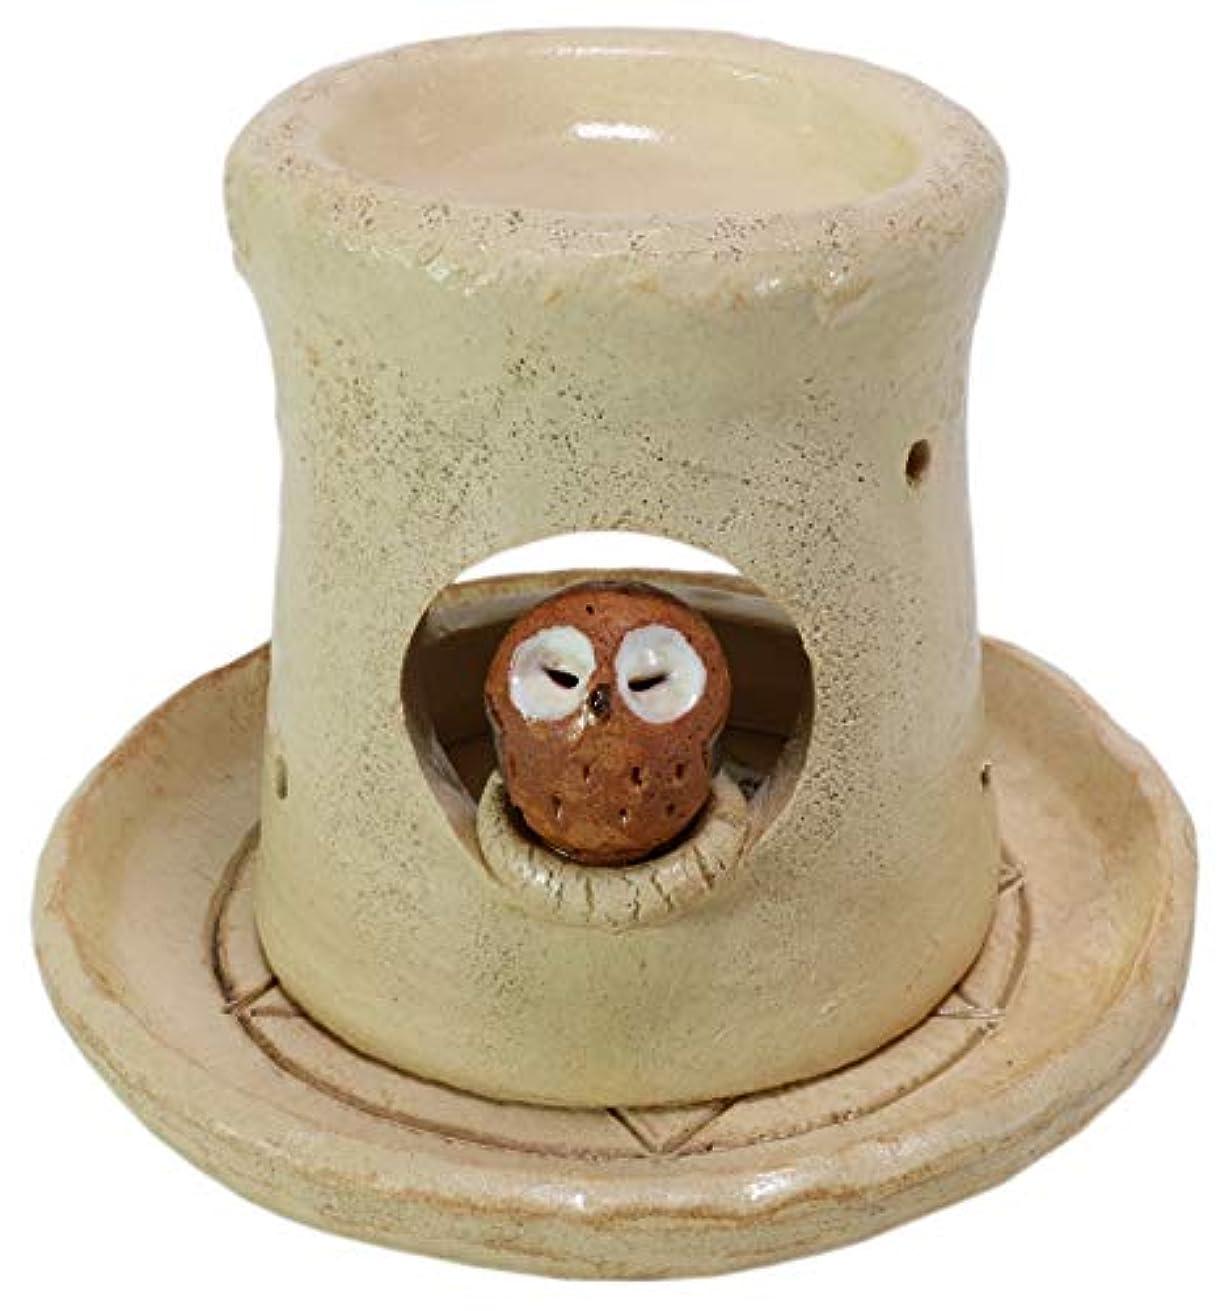 ライド資金パイロット香炉 フクロウ 茶香炉 [H14cm] HANDMADE プレゼント ギフト 和食器 かわいい インテリア